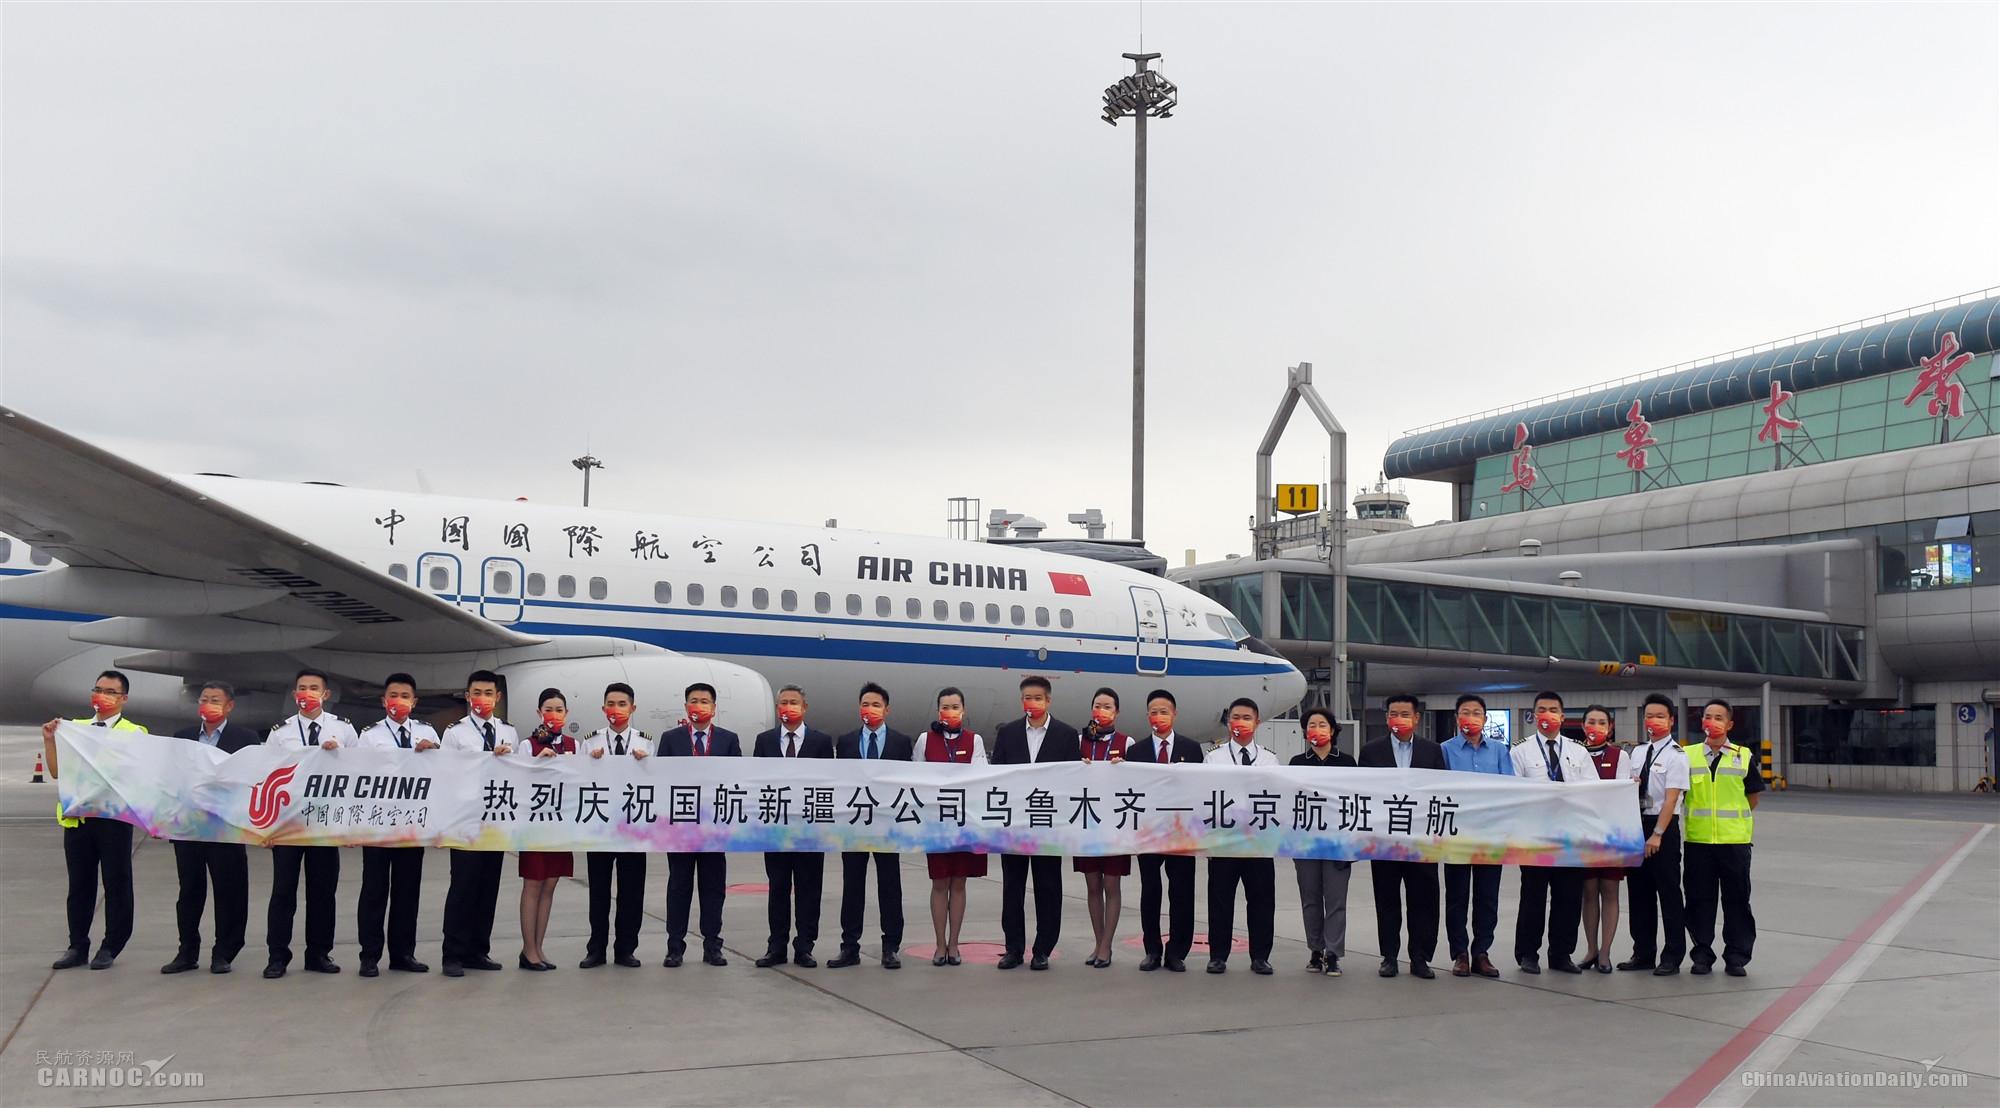 国航新疆分公司乌鲁木齐-北京航班首航。尹璐摄